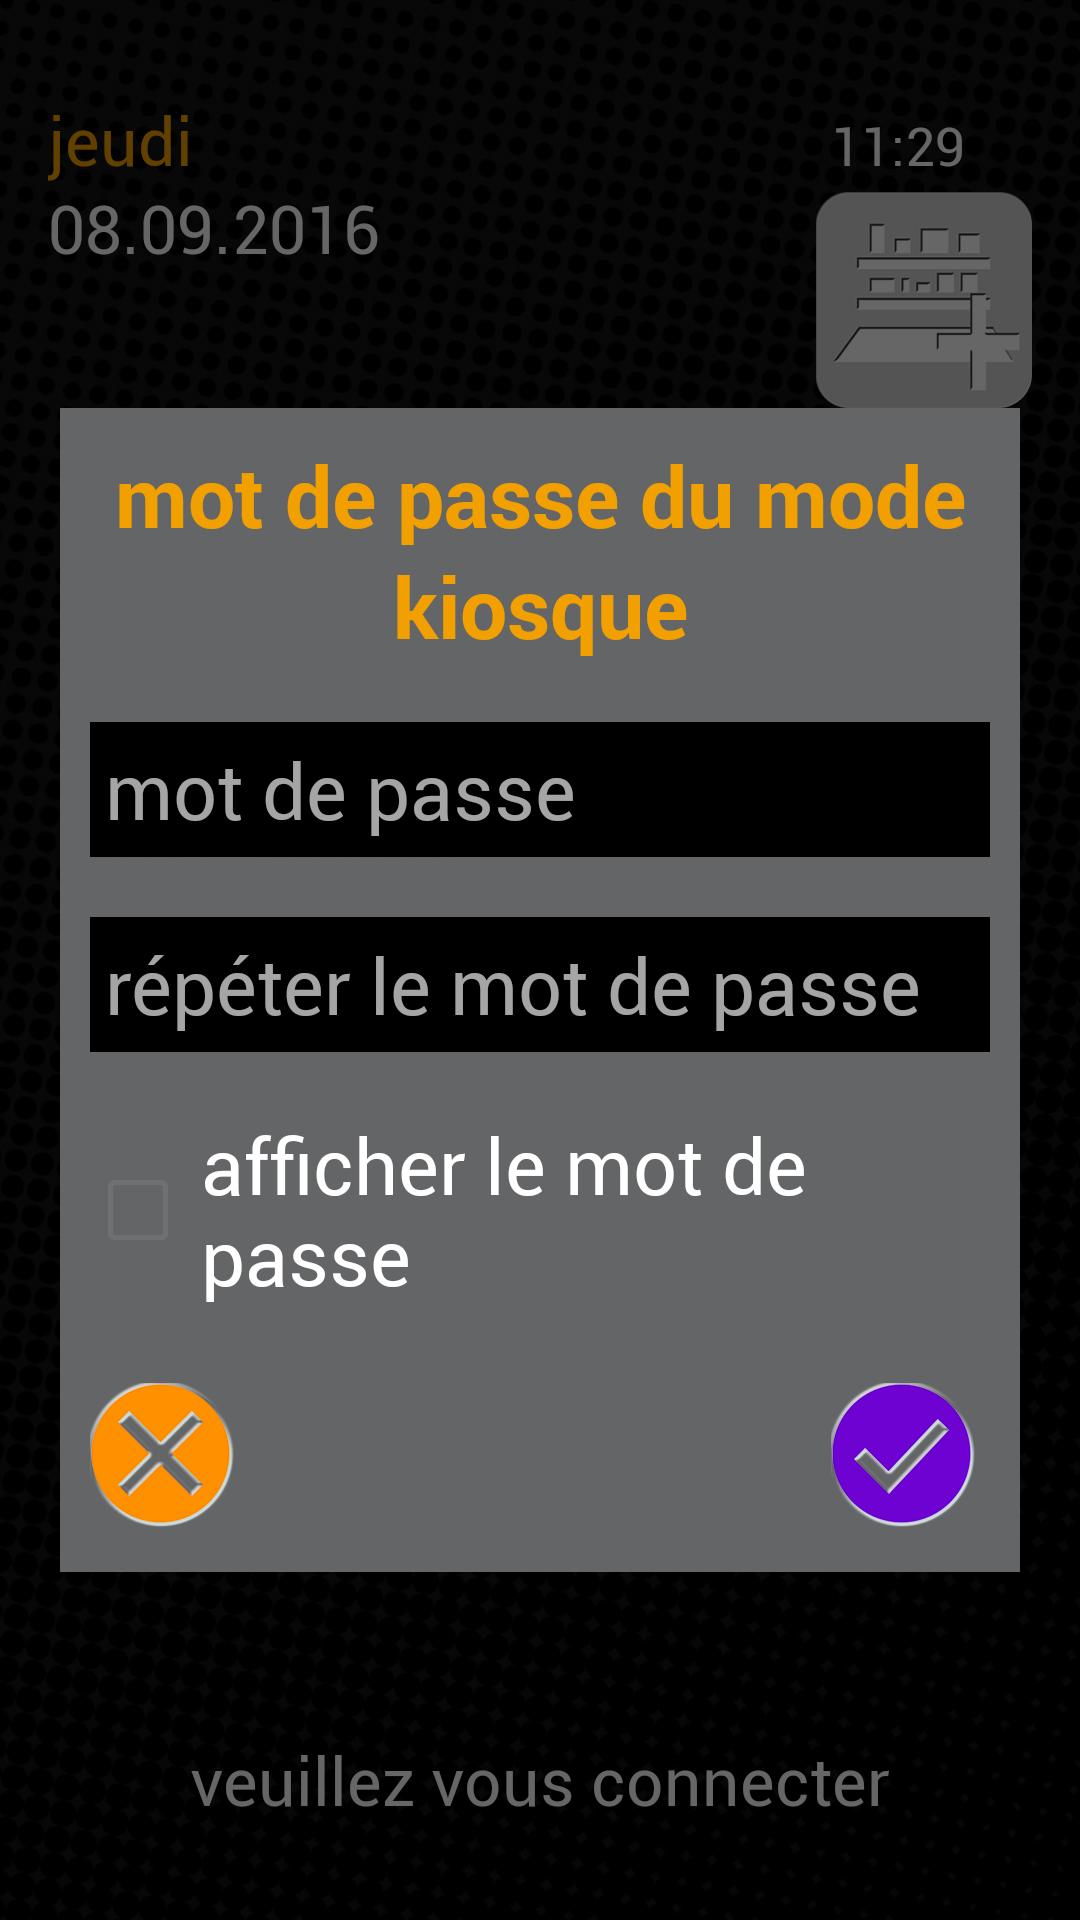 ginstr_app_RackJobberManagerPlus_FR_2